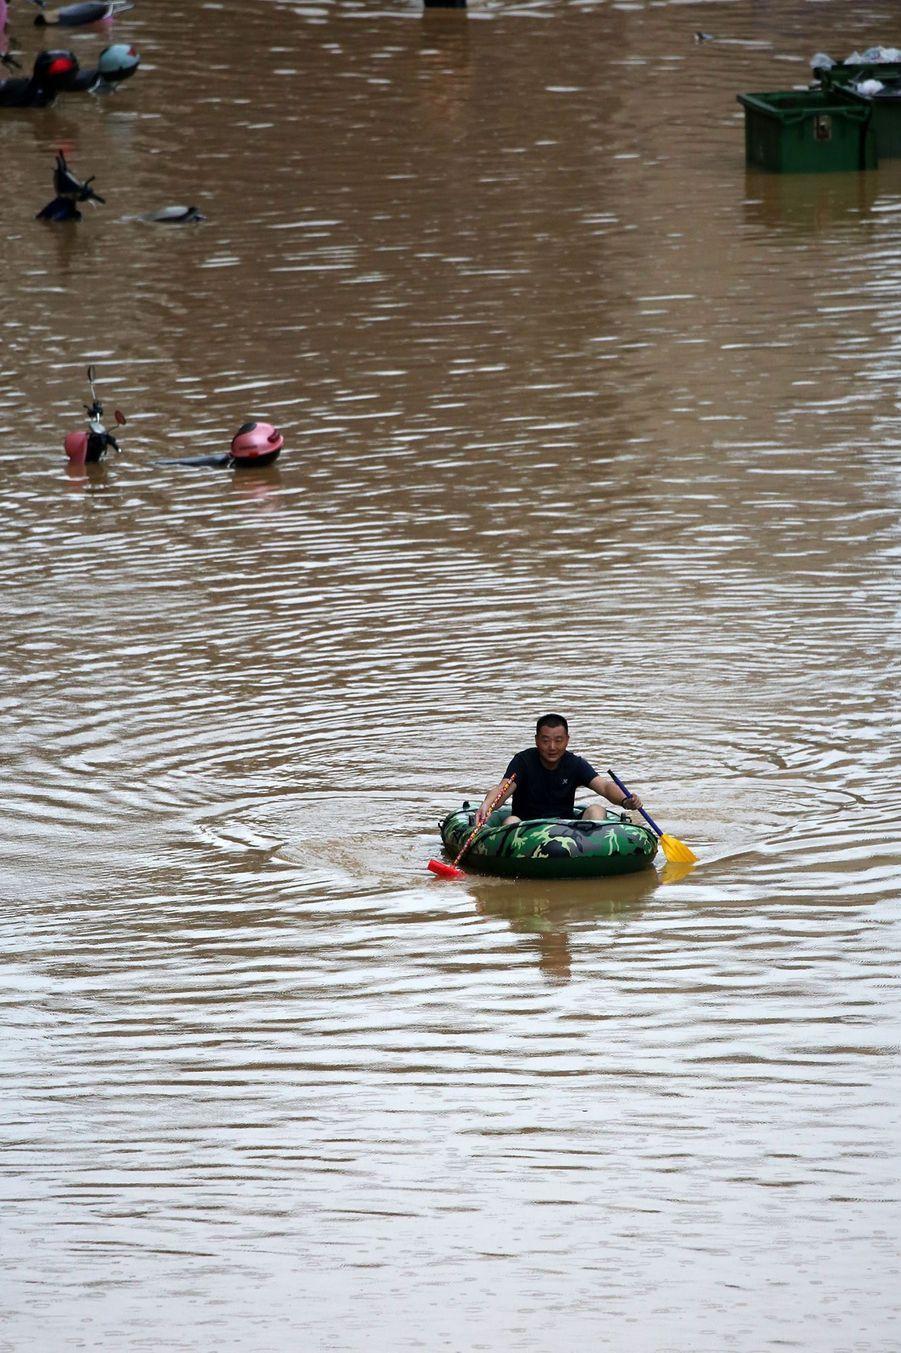 Scènes impressionnantes en dans le centre et l'Est de laChine, avec de nombreux villages et villes inondés, de l'eau qui monte par endroits jusqu'au toit de maisons de plain-pied, ou encore des secouristes évacuant hommes, femmes et enfants à bord de canots gonflables.